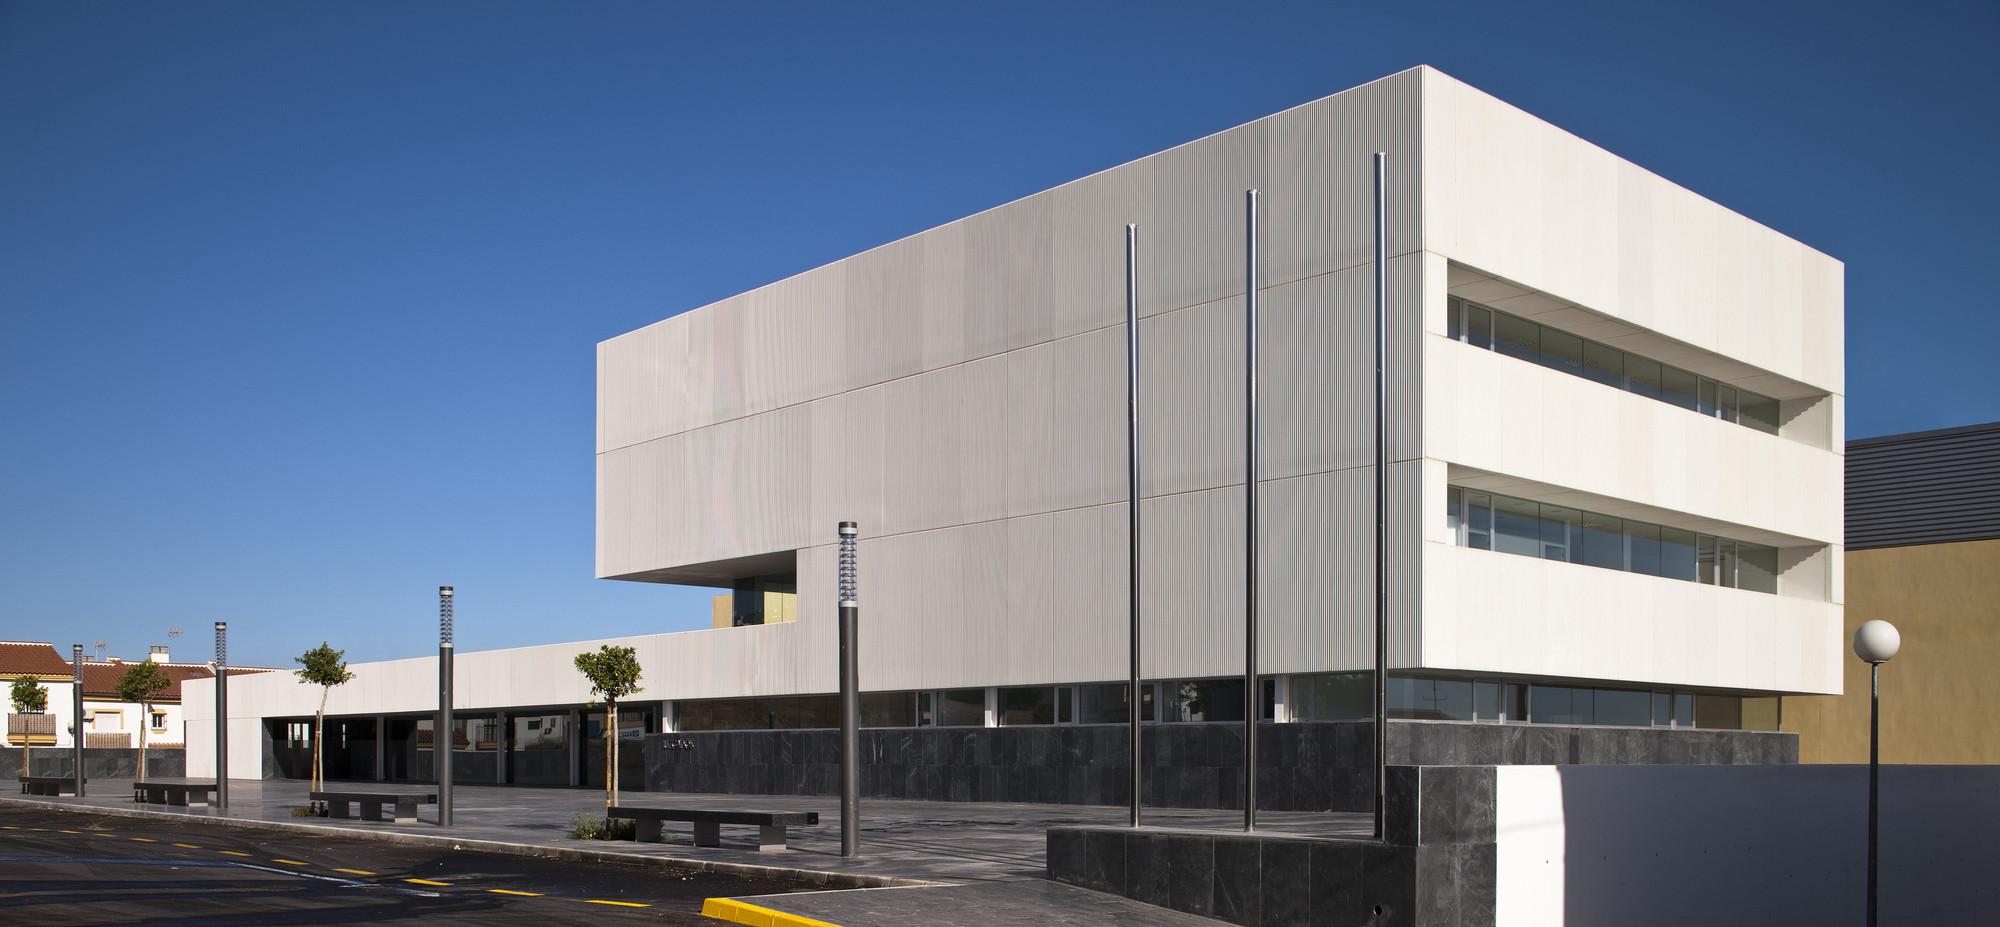 Moron De La Frontera Courts / Daroca Arquitectos, © Fernando Alda